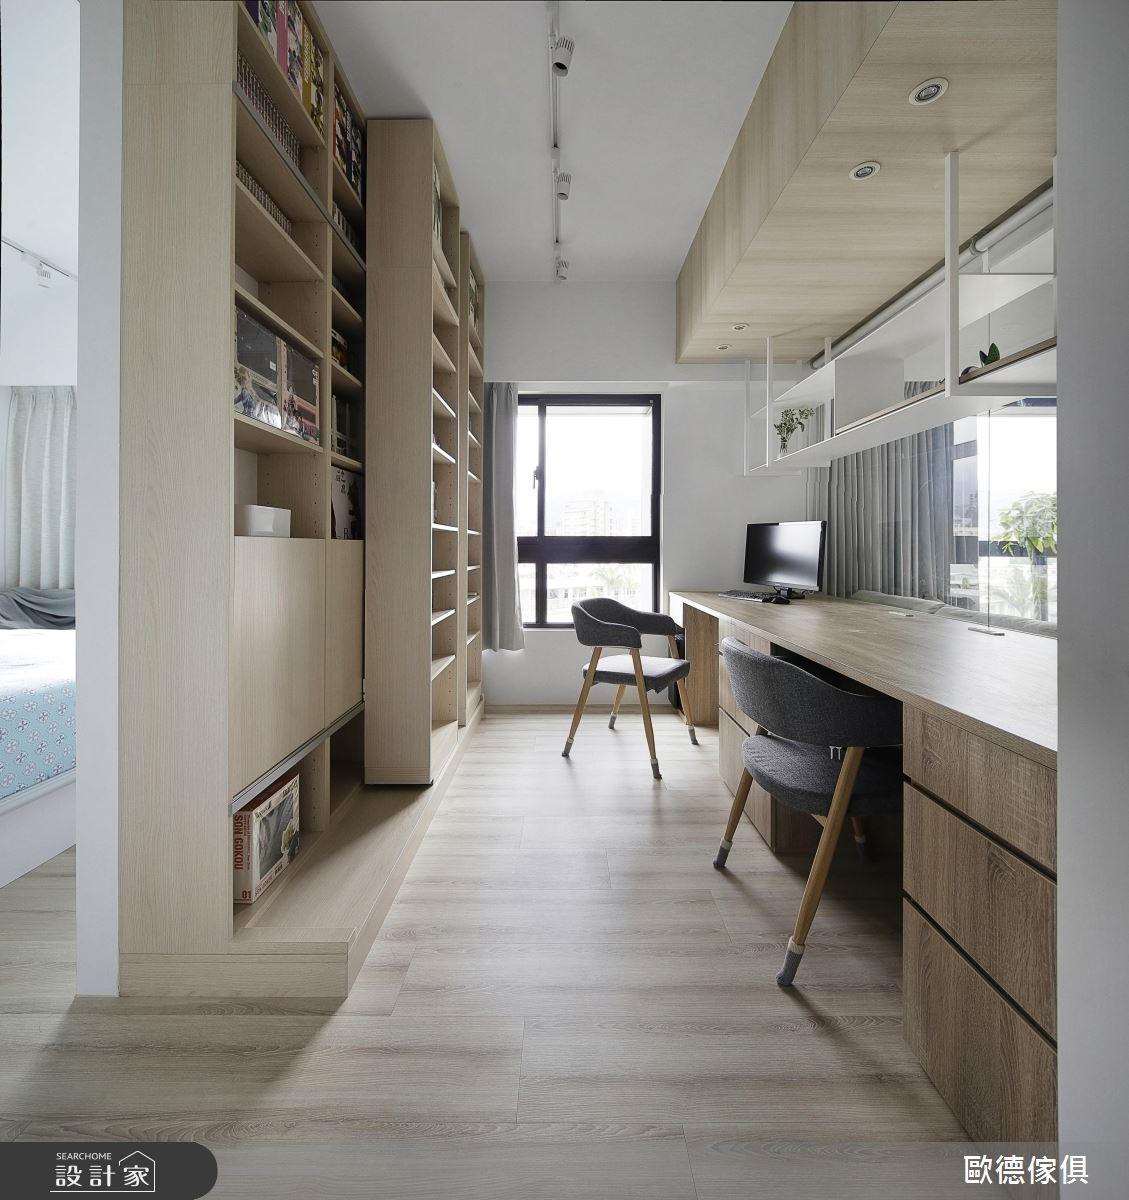 32坪新成屋(5年以下)_北歐風書房案例圖片_台灣歐德傢俱股份有限公司_歐德_77之8